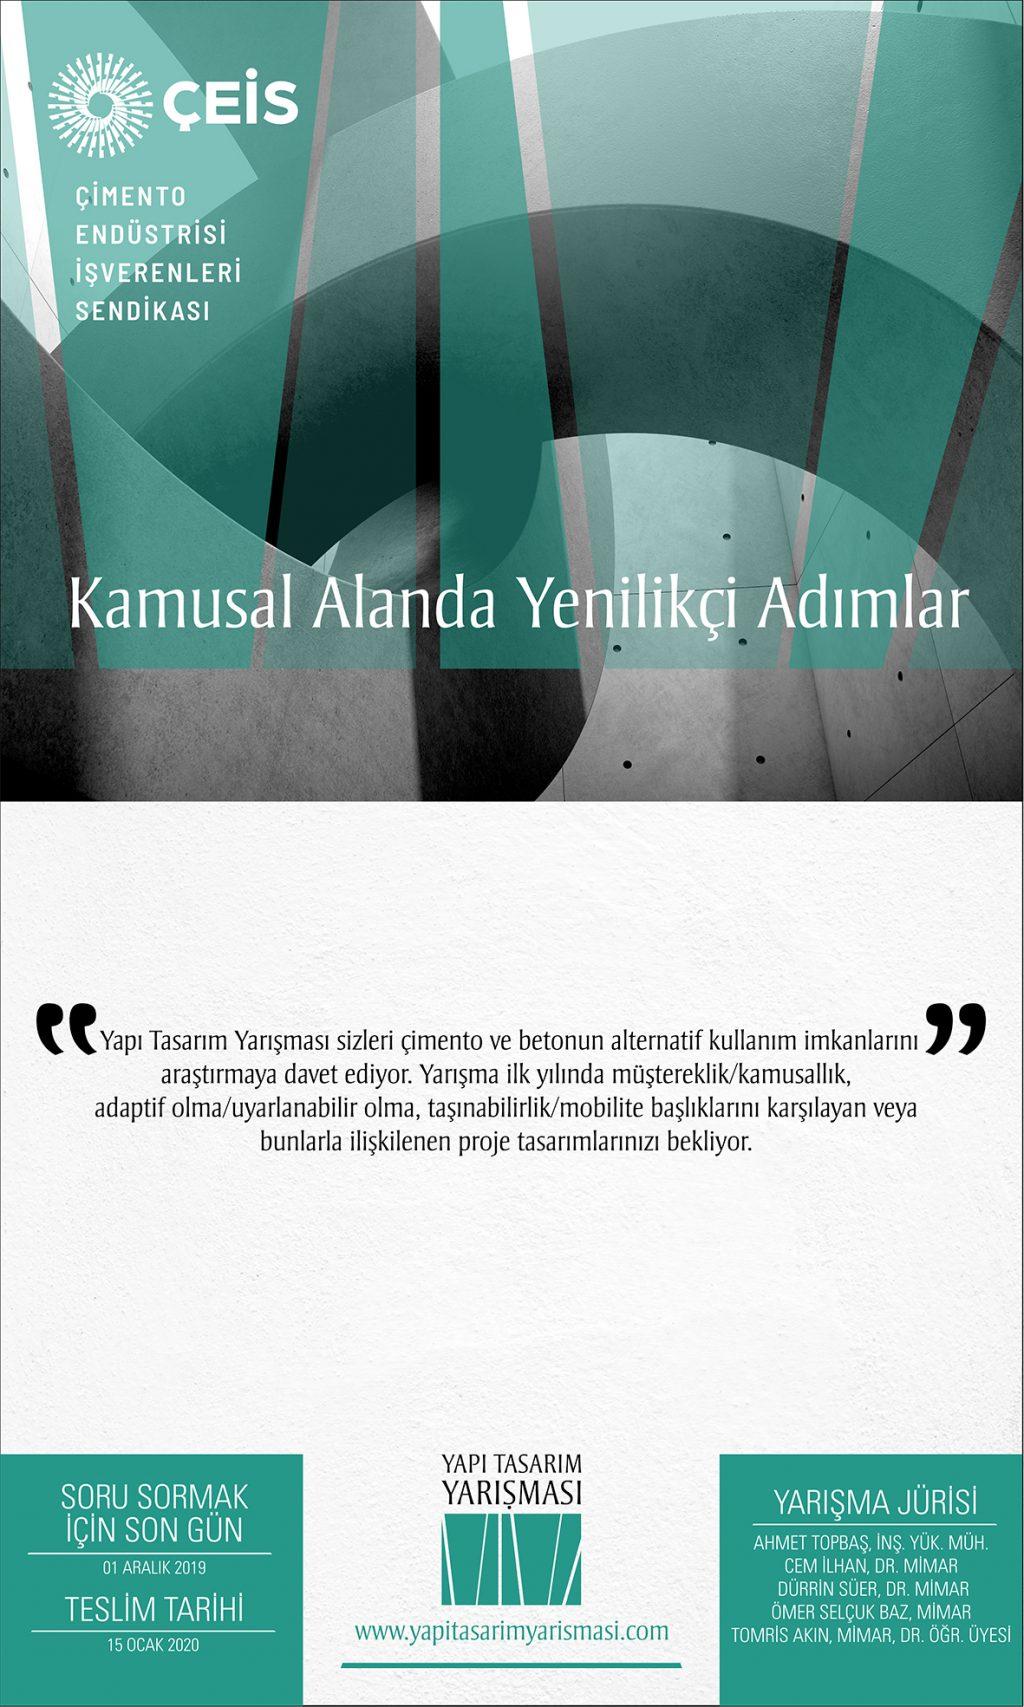 """(ÇEİS)'in Düzenlediği YAPI TASARIM YARIŞMASI Başlıyor: """"Kamusal Alanda Yenilikçi Adımlar"""""""